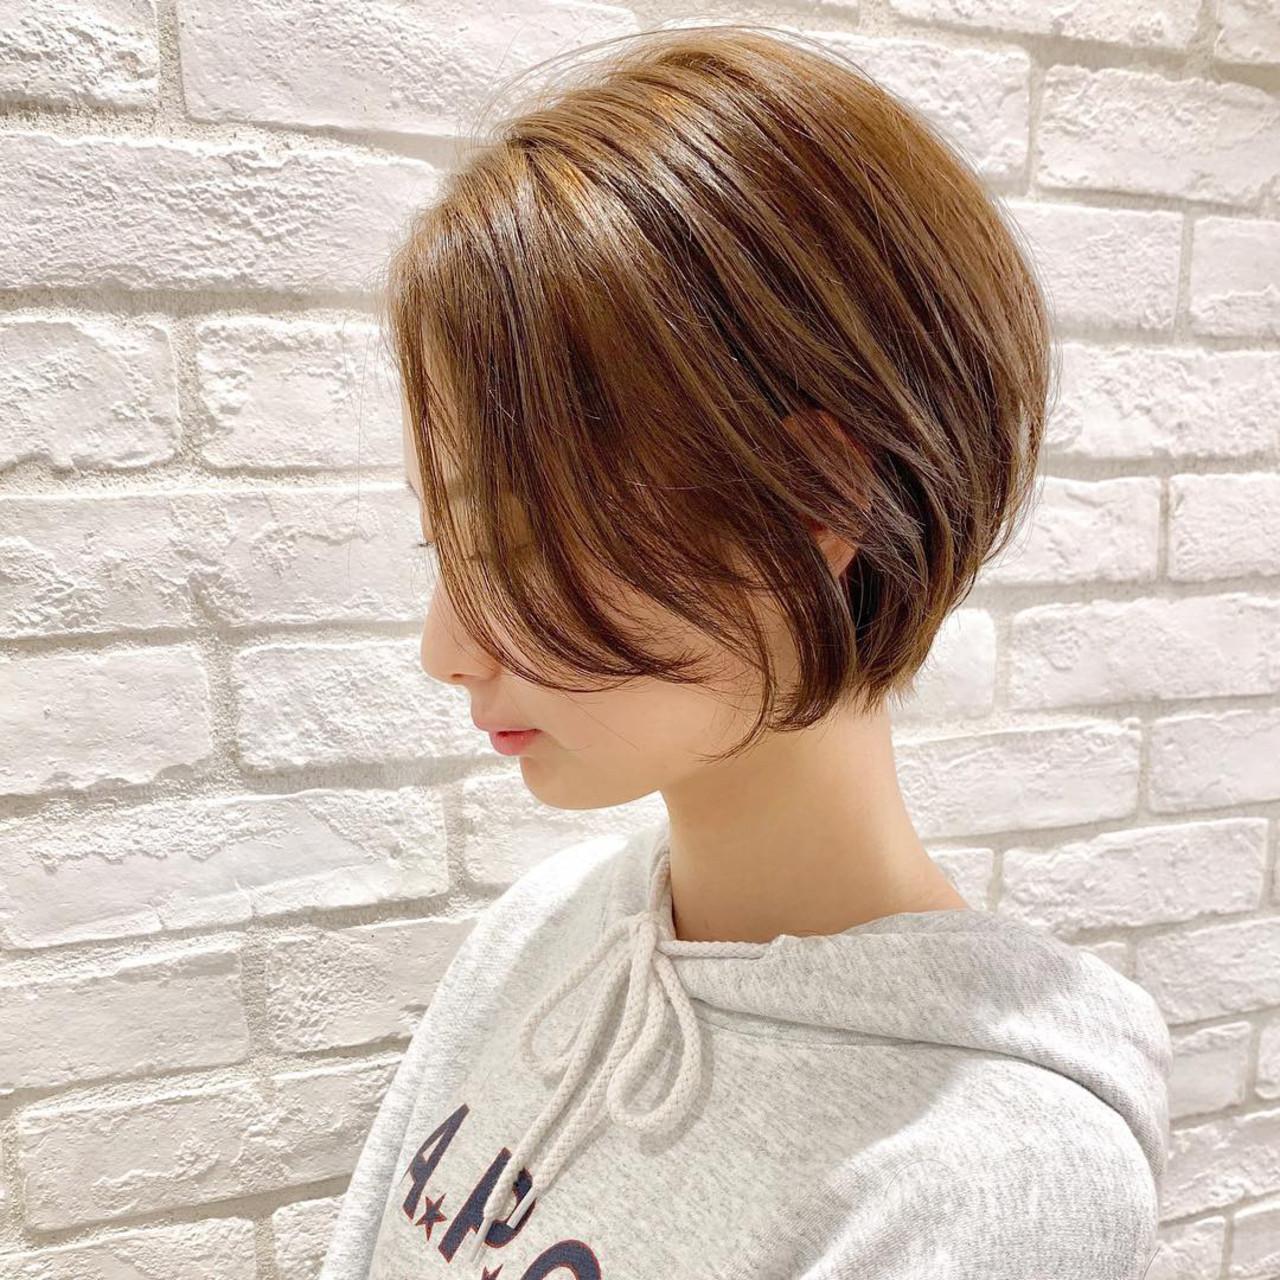 ナチュラル パーマ ヘアアレンジ デート ヘアスタイルや髪型の写真・画像